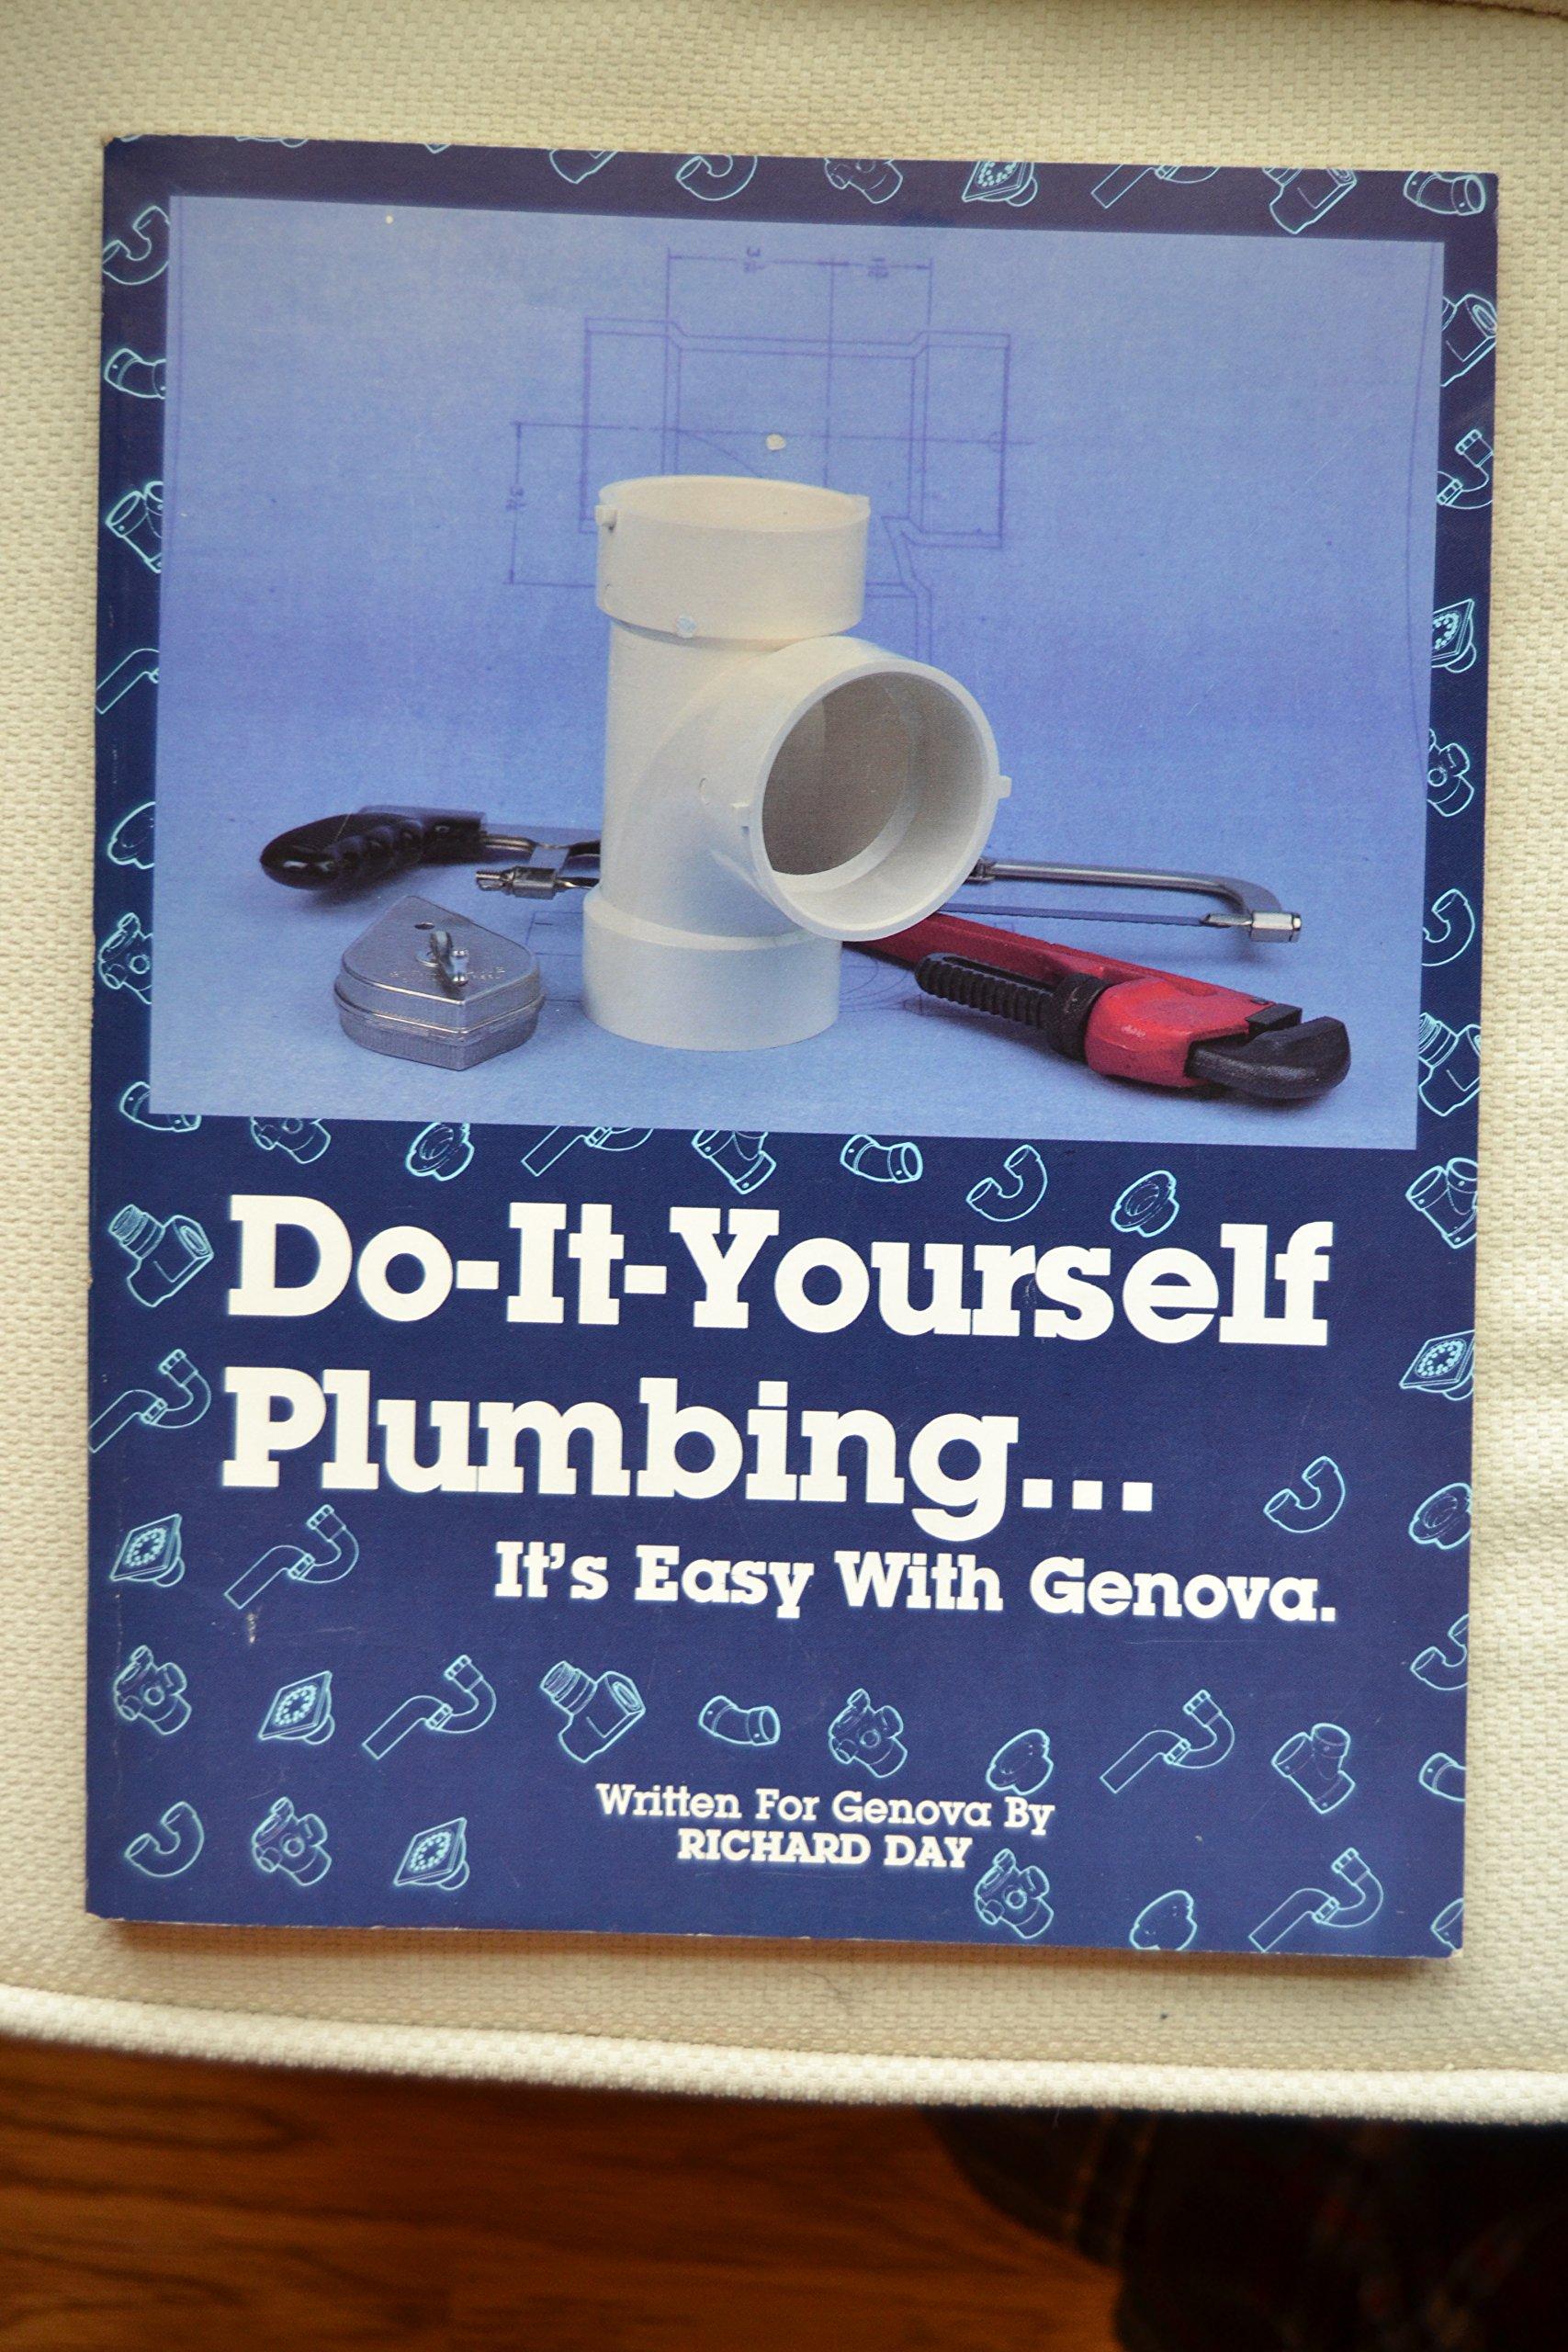 Do it yourself plumbing richard day 9780961650902 amazon books solutioingenieria Images